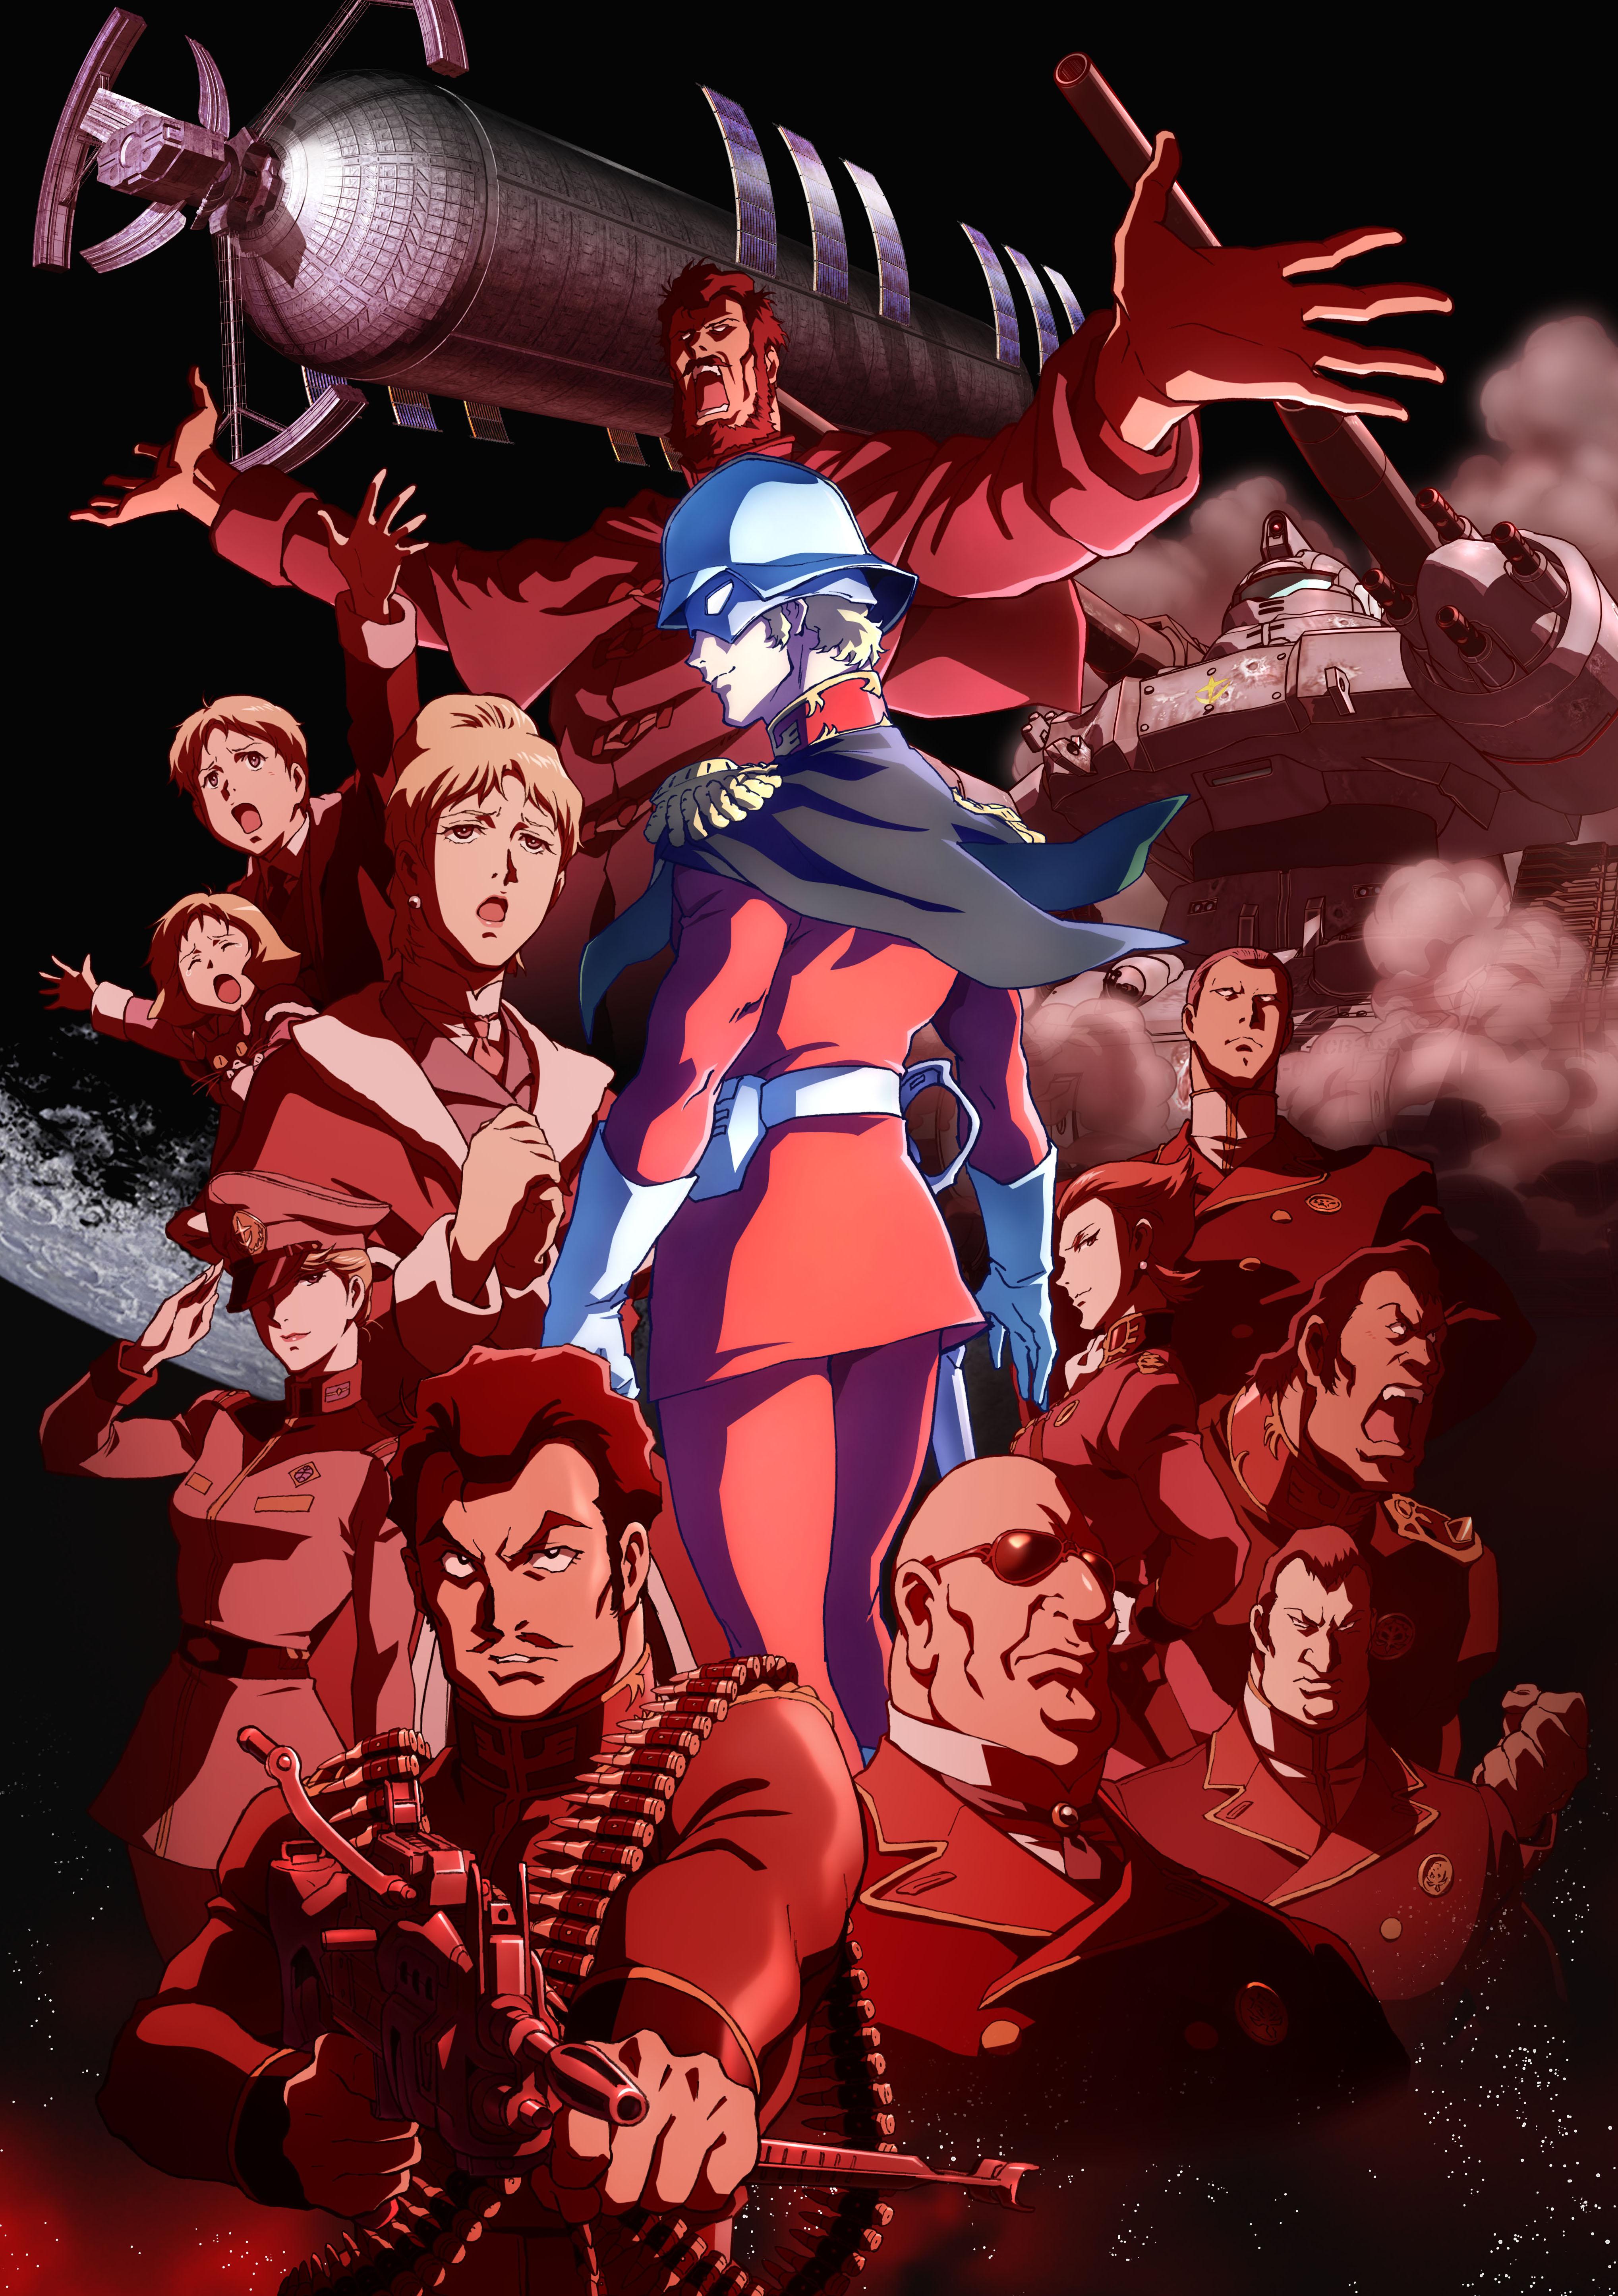 機動戦士ガンダム THE ORIGIN Ⅰ 青い瞳のキャスバル